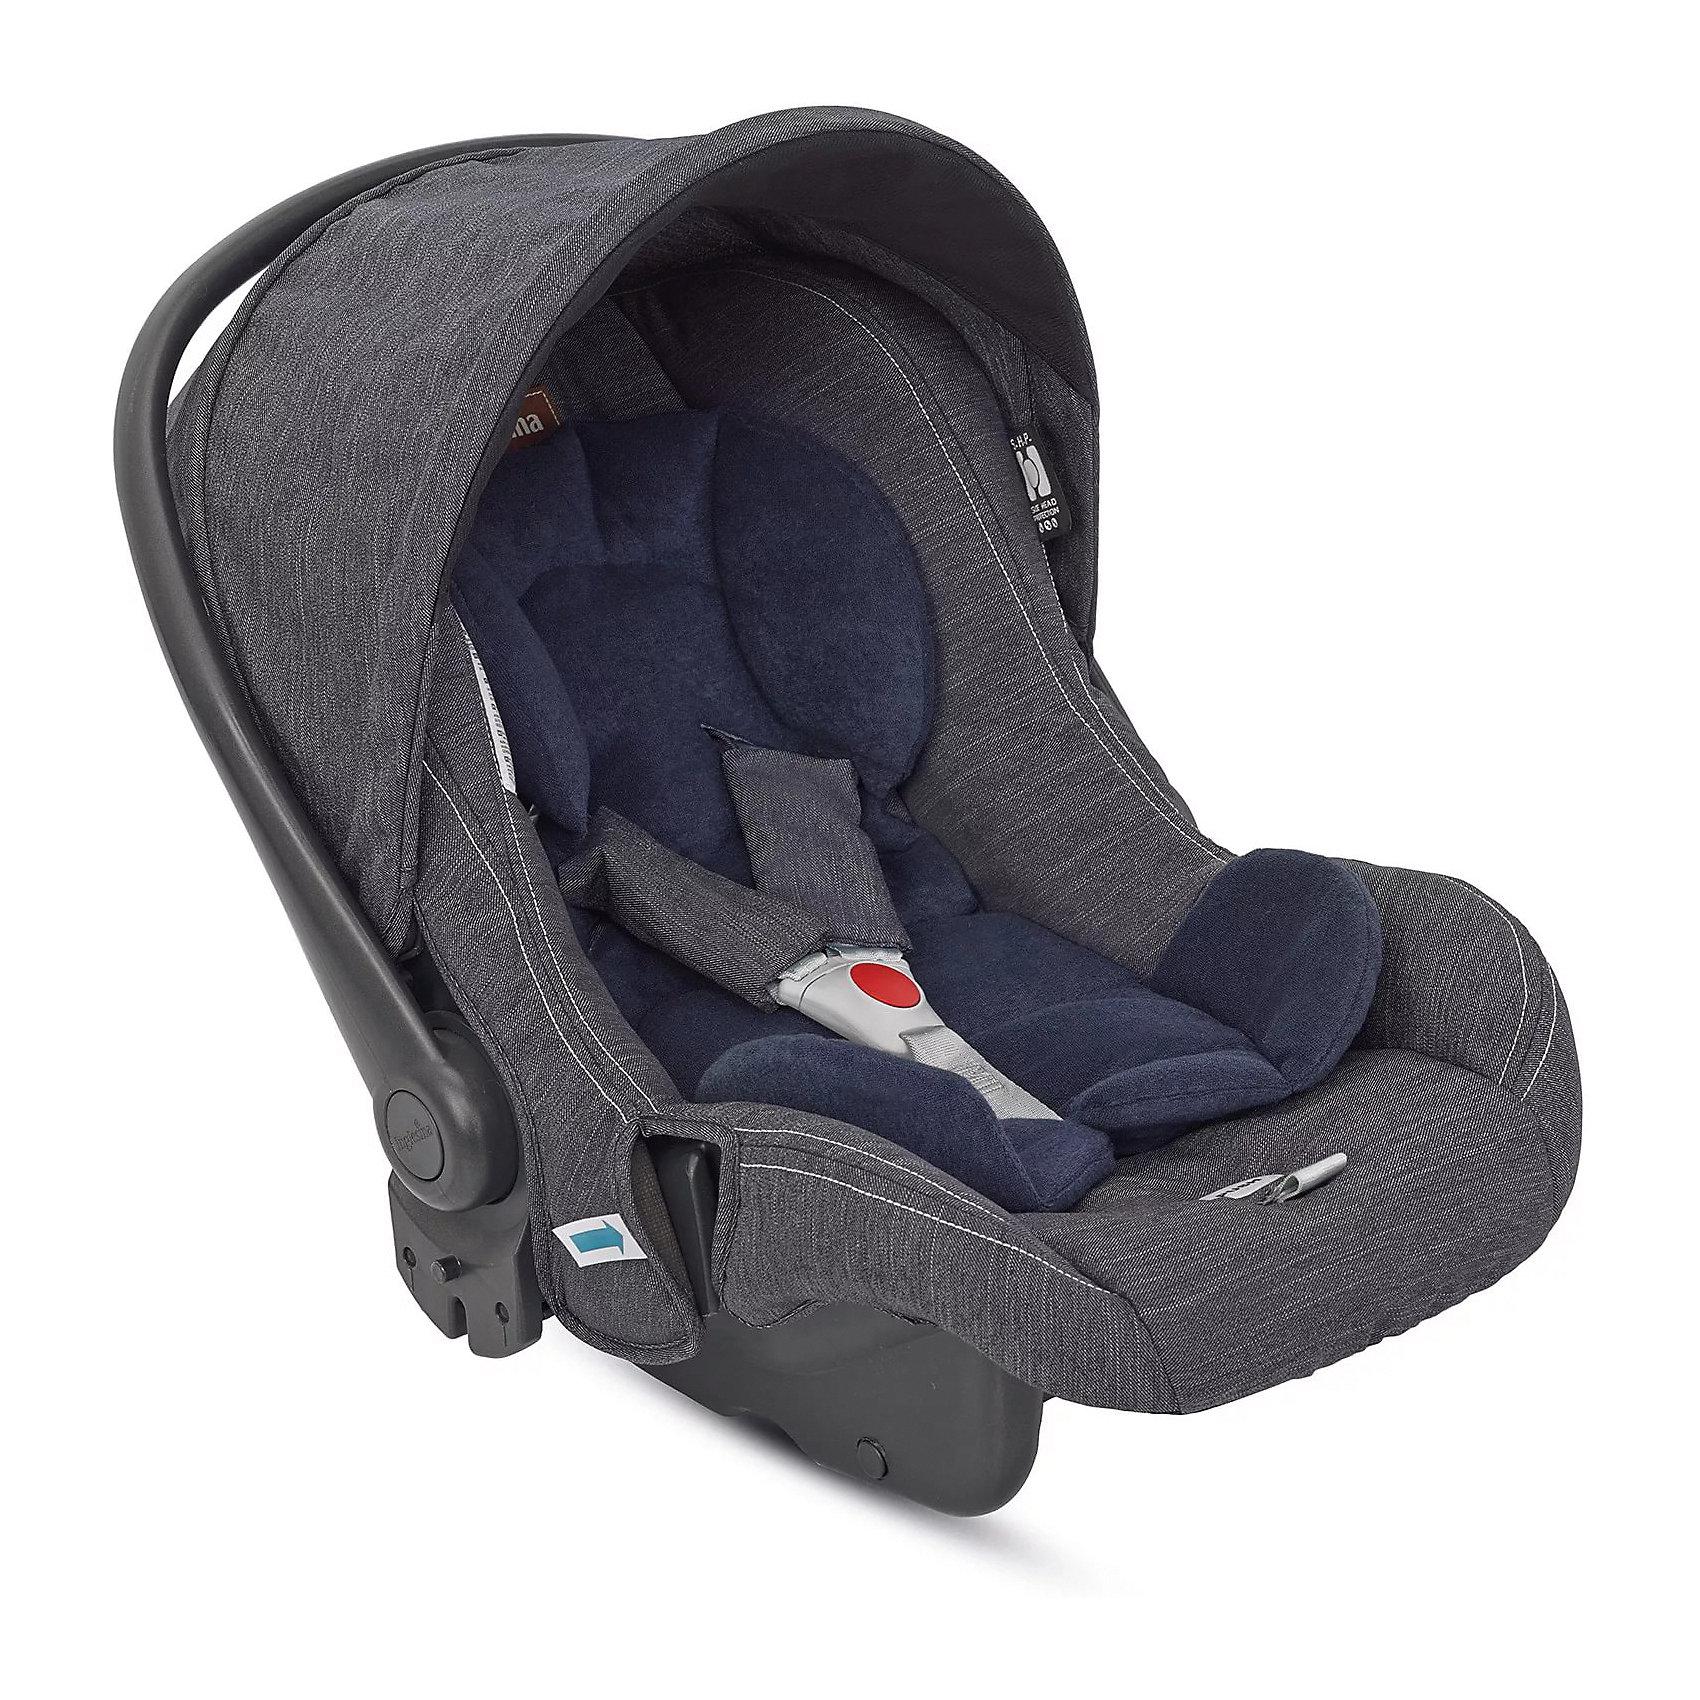 Автокресло Inglesina Huggy MULTIFIX 0-13 кг, EcruАвтокресла с креплением Isofix<br>Автокресло Huggy MULTIFIX обеспечит малышам комфорт и безопасность во время поездок на автомобиле. Кресло обладает регулируемой спинкой, технология Side Head Protection защитит малышей от боковых ударов. Автокресло легко установить в автомобиле с его базой, в обыкновенной комплектации или в комплектации Isofix (покупается отдельно) или без нее. Кресло сочетается с коляской Trilogy, делая детское транспортное средство максимально компактным. Это идеальный вариант для прогулок по людным местам. Благодаря системе Easy Clip, процесс установки автокресла на шасси максимально упрощен.  Мягкий вкладыш и 3-точечные страховочные ремни обеспечат малышам максимальный комфорт и безопасность. Кресло имеет эргономичную ручку для переноски, которая регулируется в 4 положениях. Тканевый чехол легко снимается и стирается при температуре не более 30 градусов в режиме деликатной стирки.<br><br>Дополнительная информация:<br><br>- Материал: текстиль, пластик, металл.<br>- Размер: 68х42х55 см.<br>- Вес: 3,7 кг.<br>- Группа 0+ (до 13 кг).<br>- Устанавливается против хода движения. <br>- Трехточечные ремни безопасности.<br>- Мягкий вкладыш. <br>- Индикаторы правильного крепления кресла.<br>- Фиксация в авто штатными ремнями.<br>- Установка в коляске Trilogy креплением Easy Clip.<br>- Удобная ручка-переноска, регулируемая в 4 положениях.<br>- В комплекте: нескользящий анатомический вкладыш, капюшон.<br><br>Автокресло Huggy MULTIFIX 0-13 кг., Inglesina (Инглезина), Ecru, можно купить в нашем магазине.<br><br>Ширина мм: 440<br>Глубина мм: 385<br>Высота мм: 725<br>Вес г: 5300<br>Цвет: бежевый<br>Возраст от месяцев: 0<br>Возраст до месяцев: 18<br>Пол: Унисекс<br>Возраст: Детский<br>SKU: 4764247